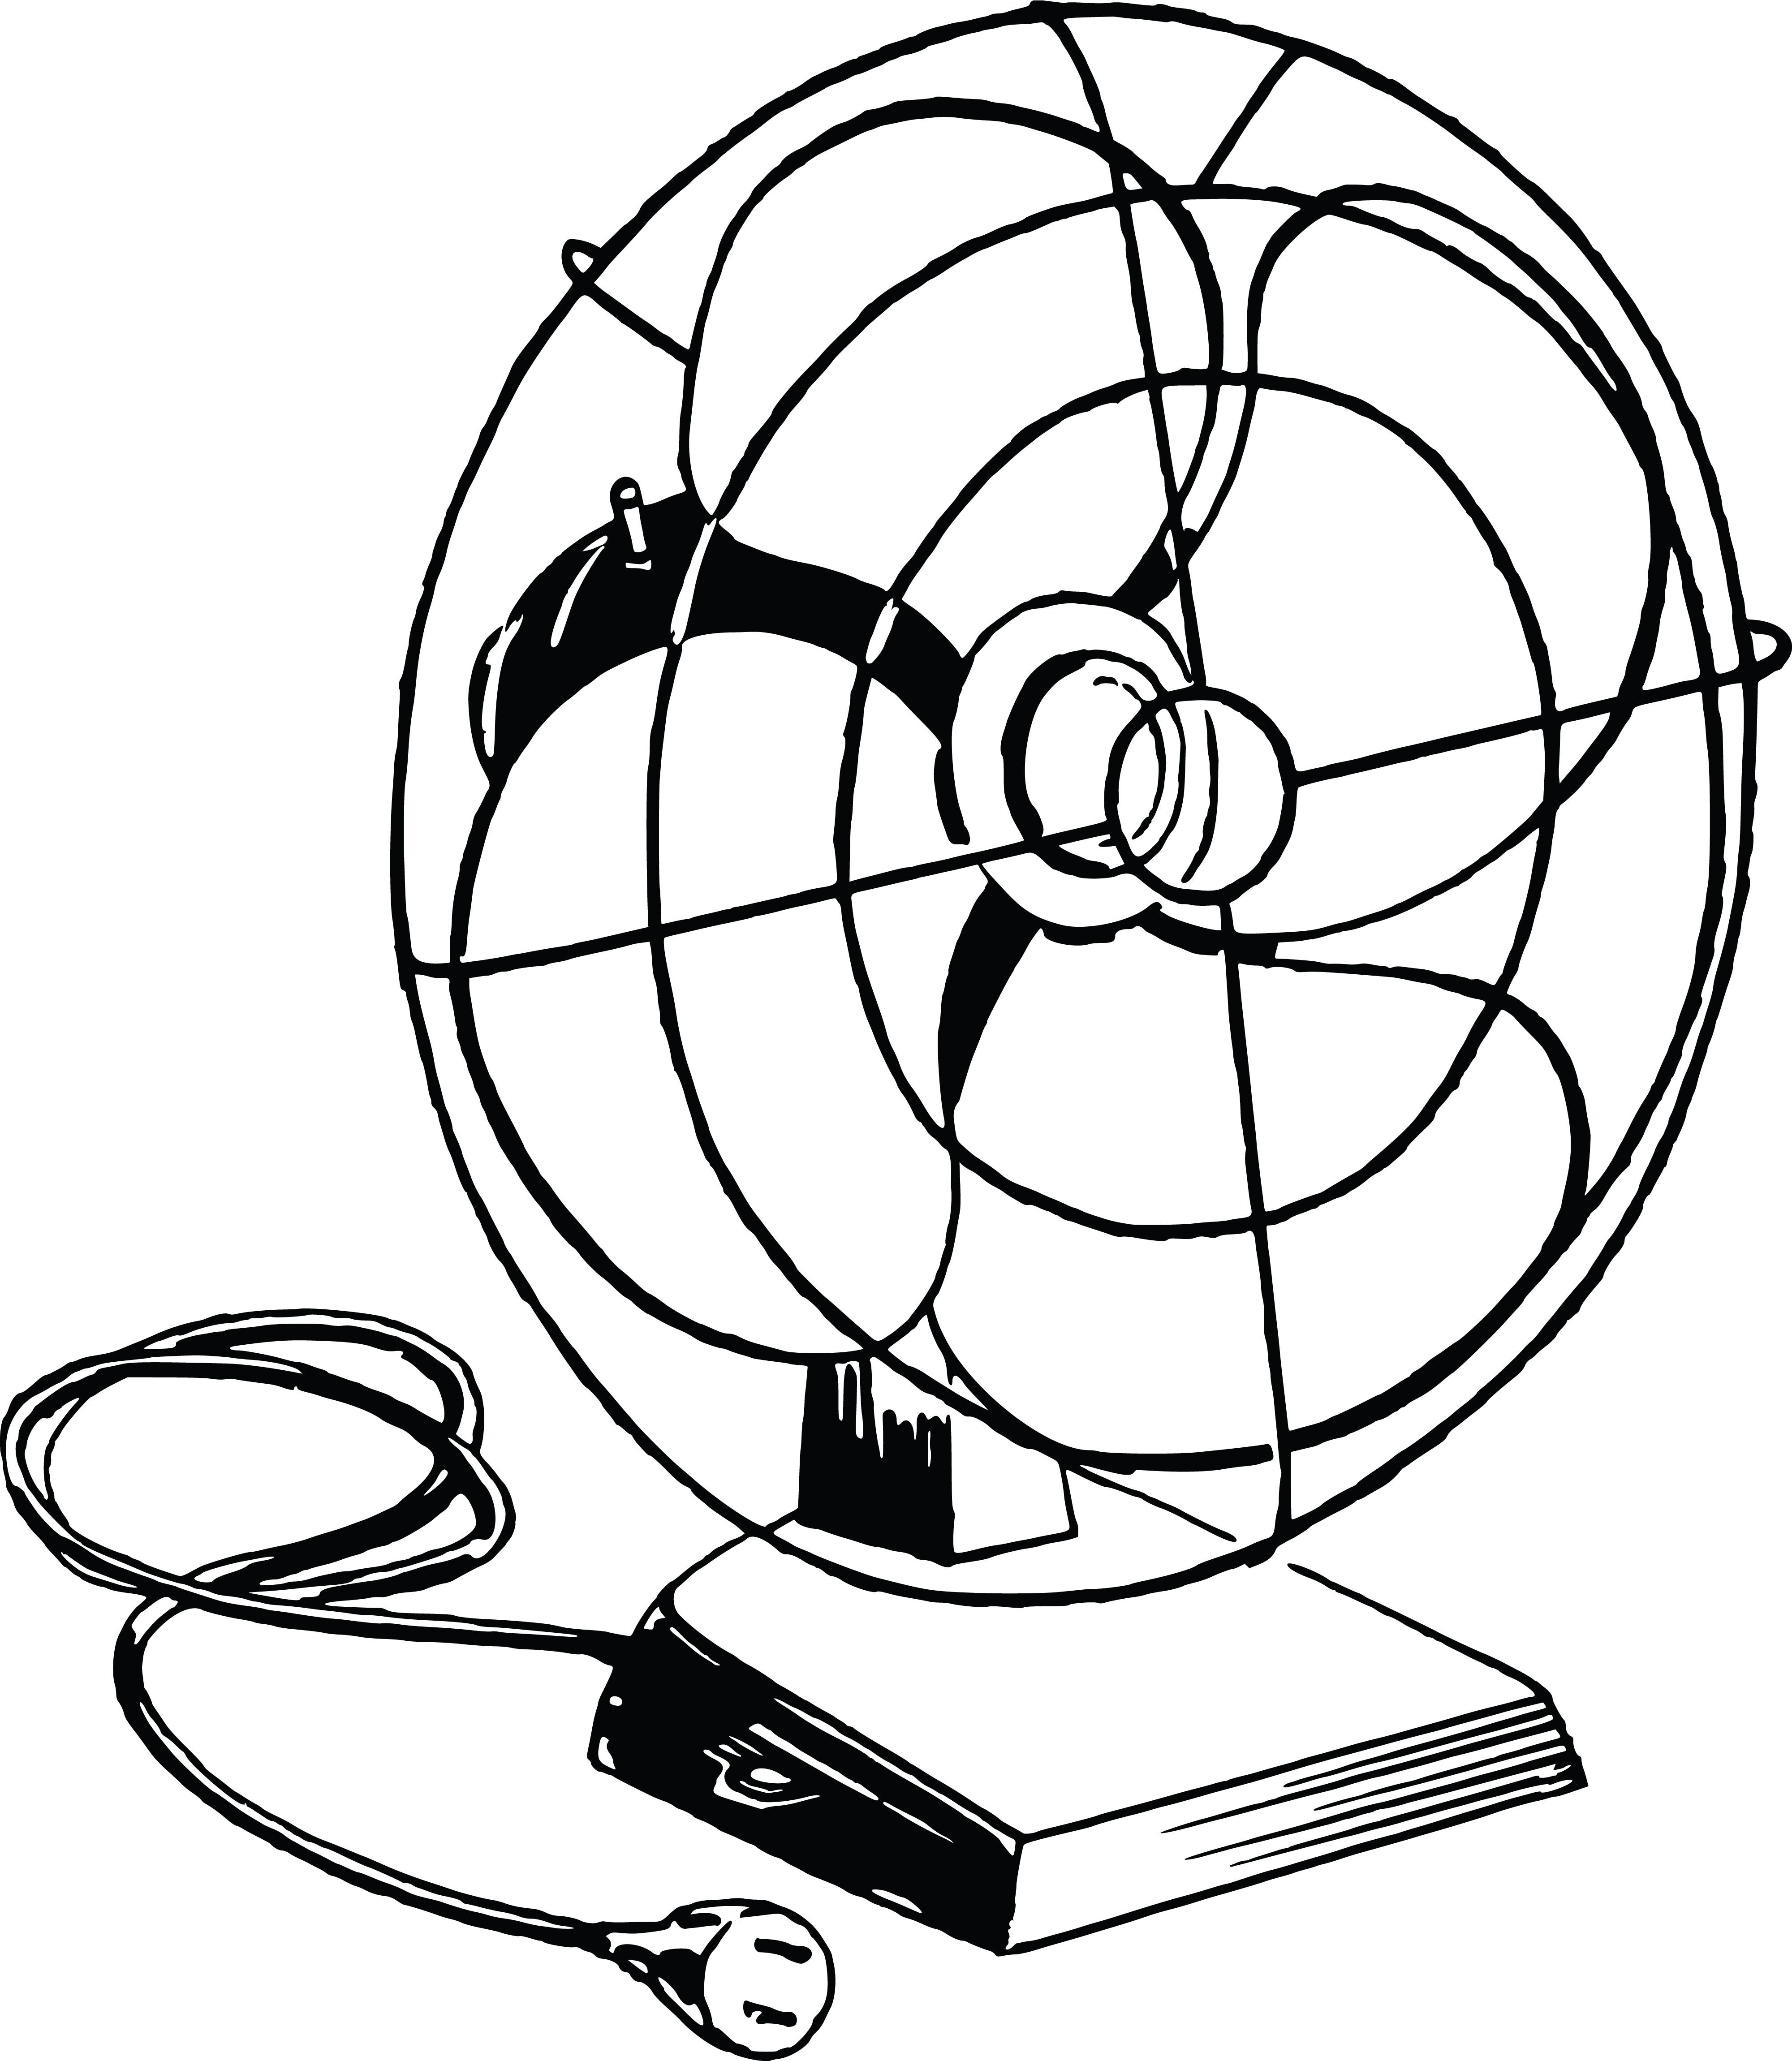 4000x4601 Clipart Of A Desk Fan